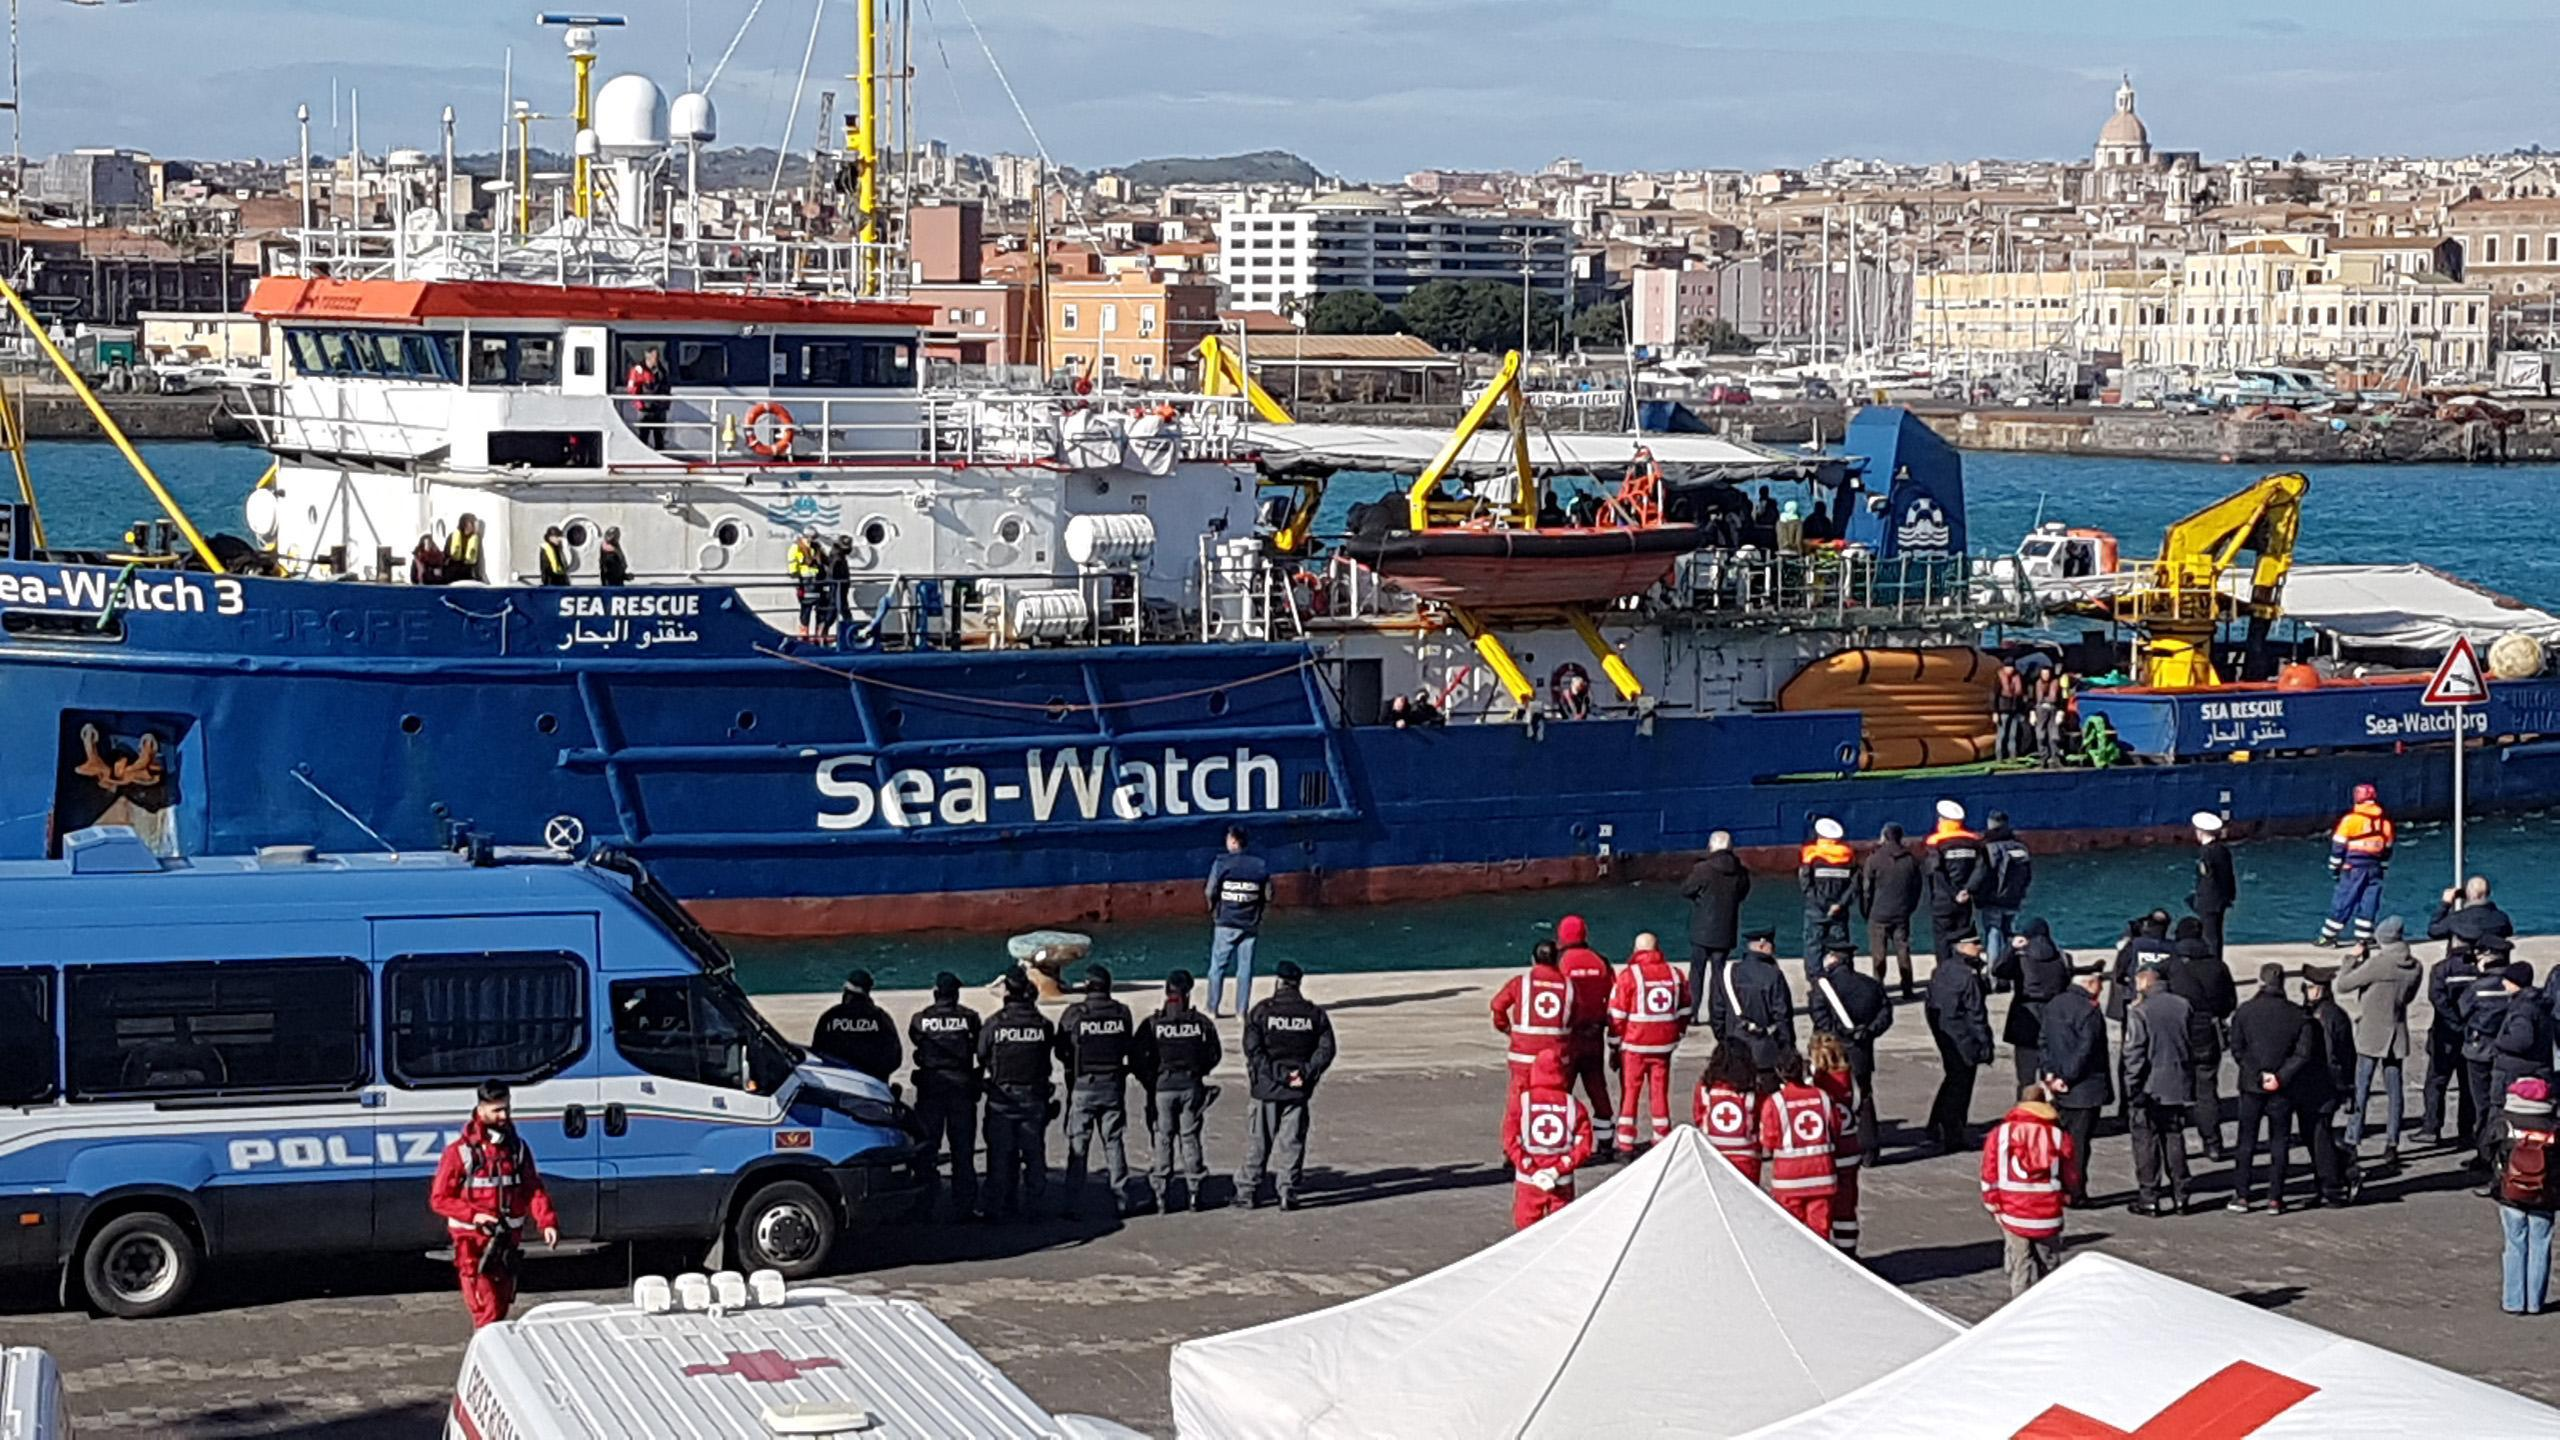 La Sea Watch attracca al porto di Levante dopo il lungo peregrinare